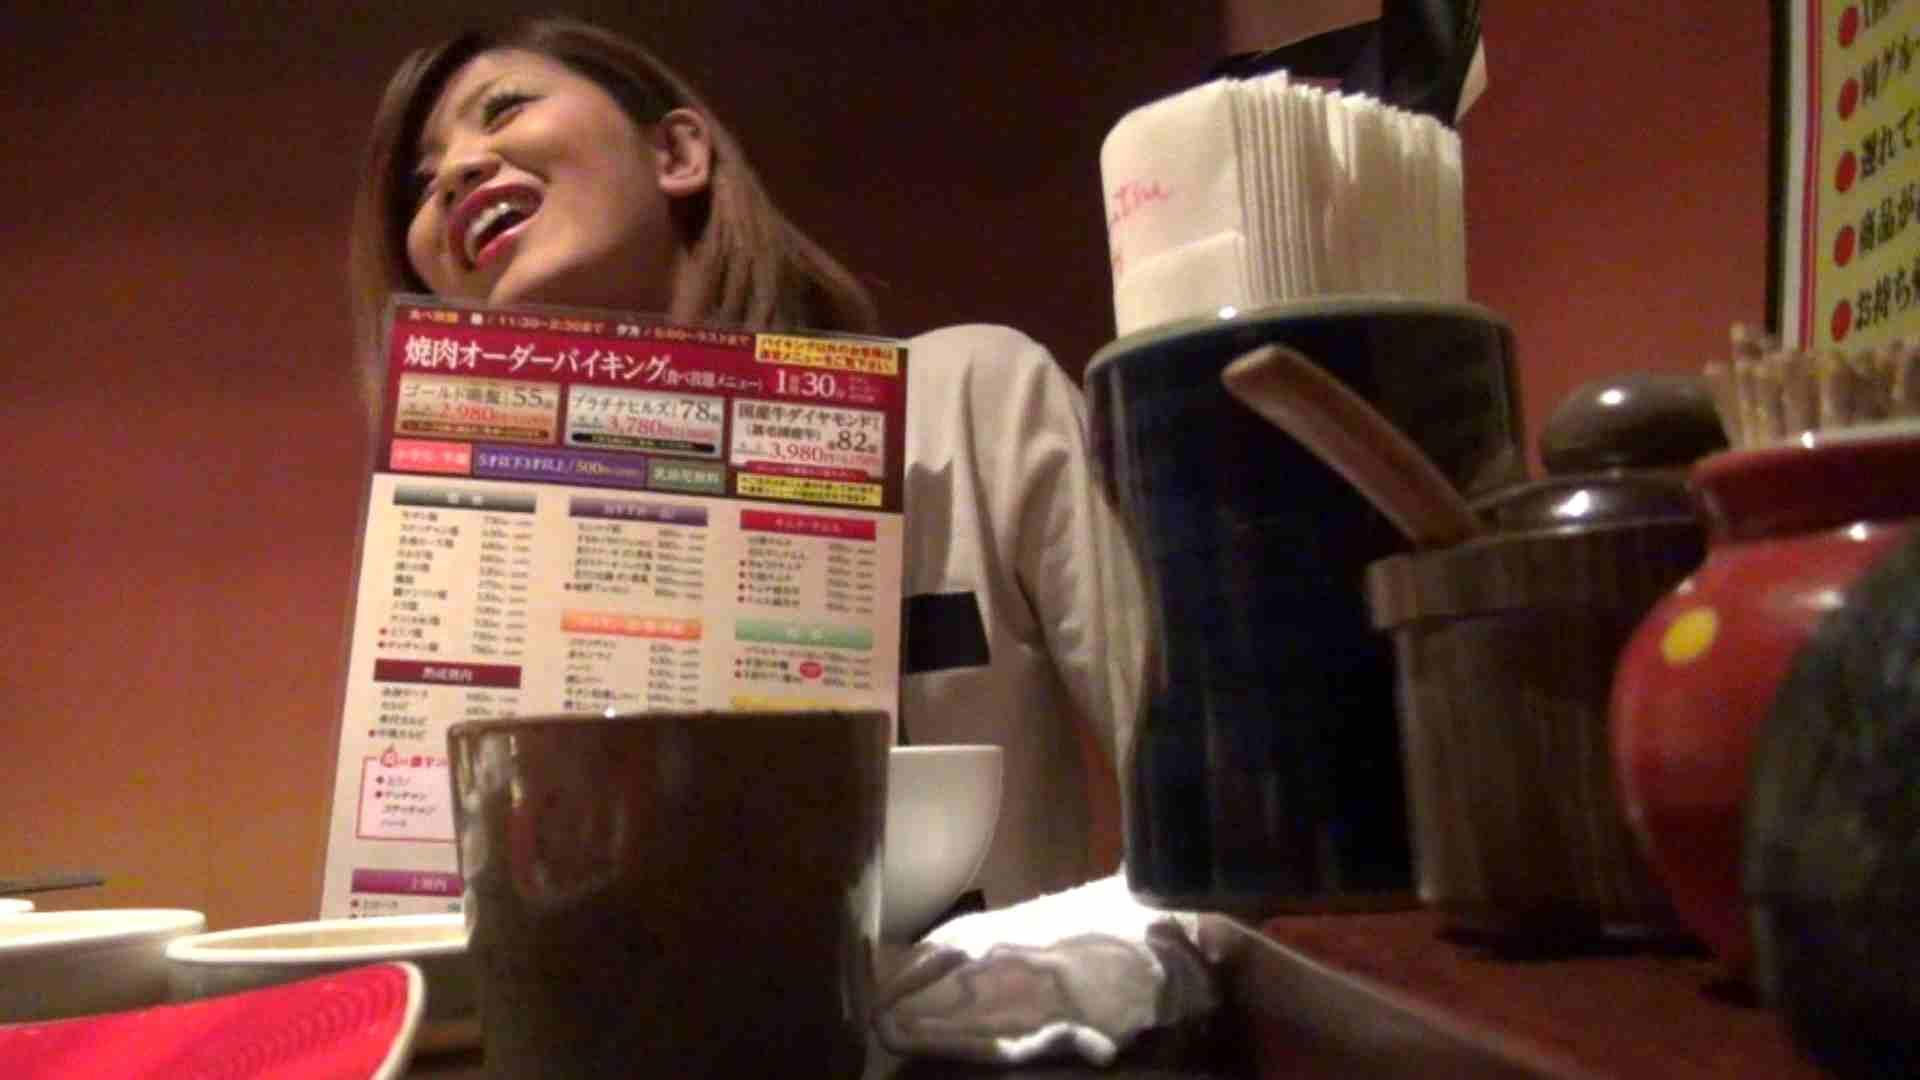 【出会い01】大助さんMちゃんと食事会 友人 | 悪戯  54連発 5